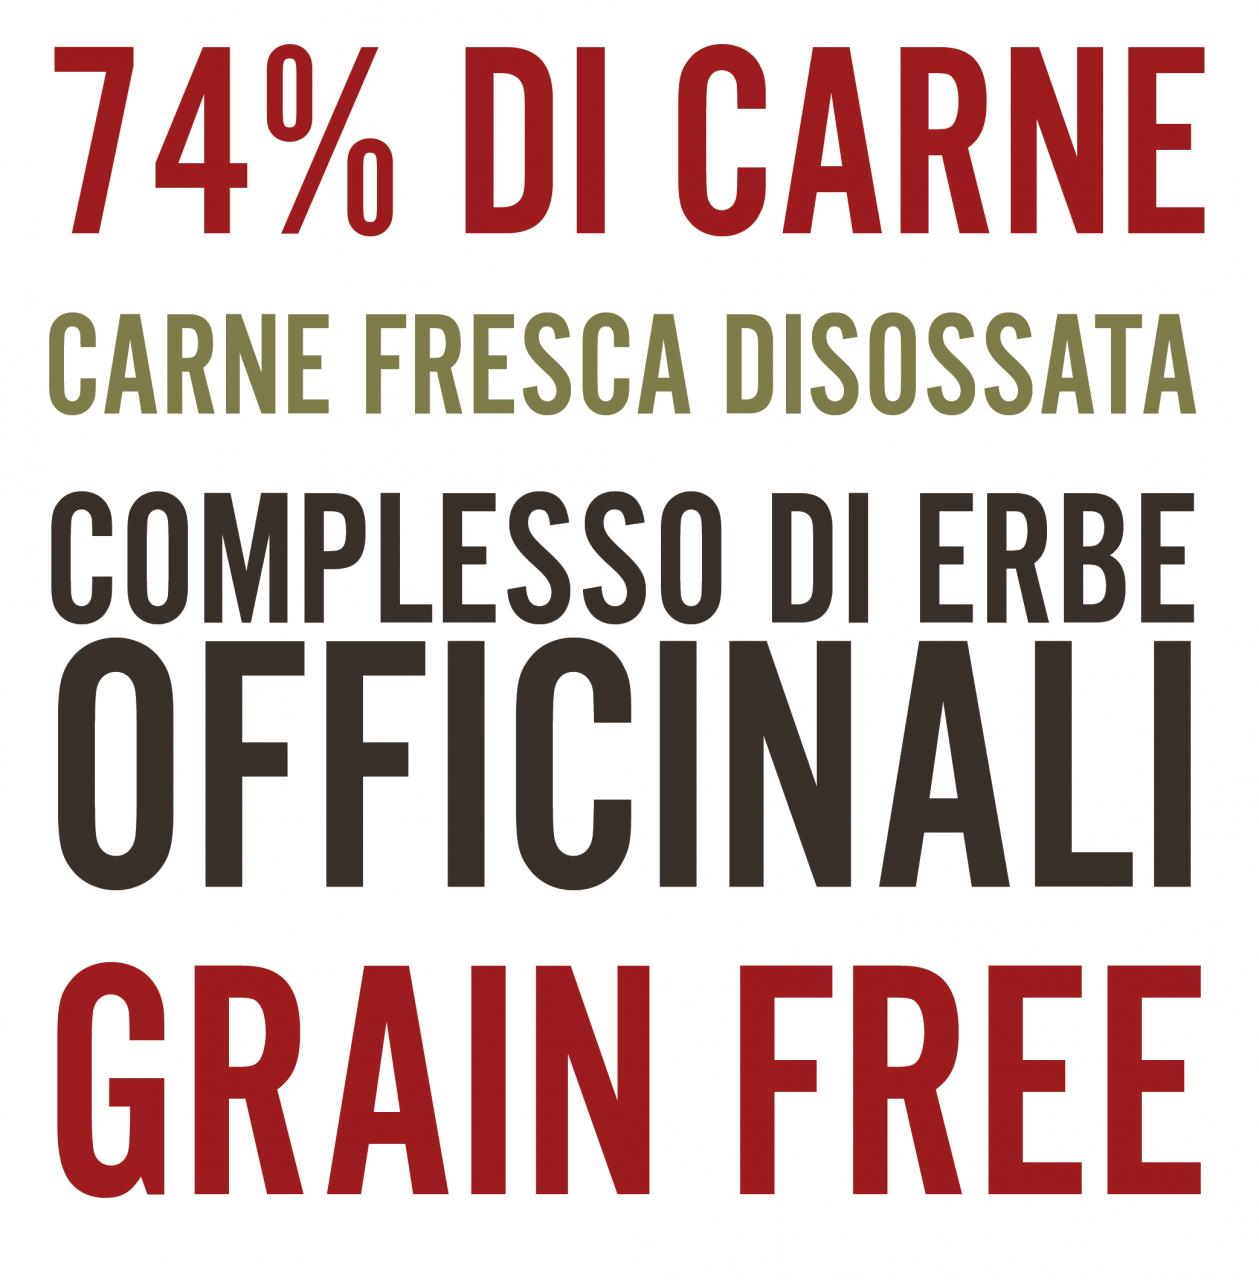 crocchette cani senza cereali grain free